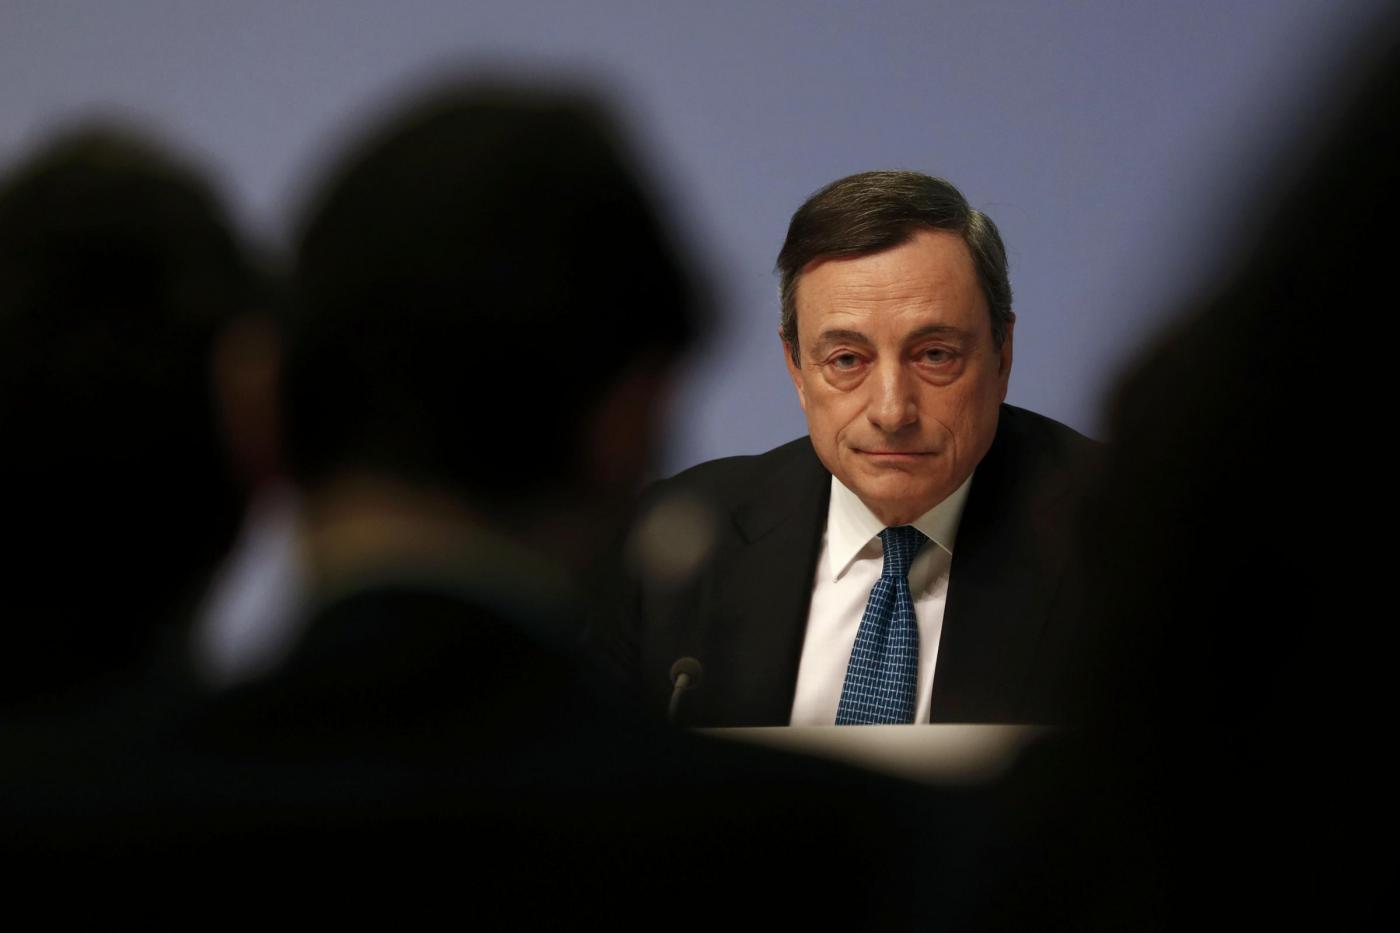 La Bce taglia a sorpresa i tassi allo 0.0%, Borse in altalena: cosa significa la decisione di Mario Draghi